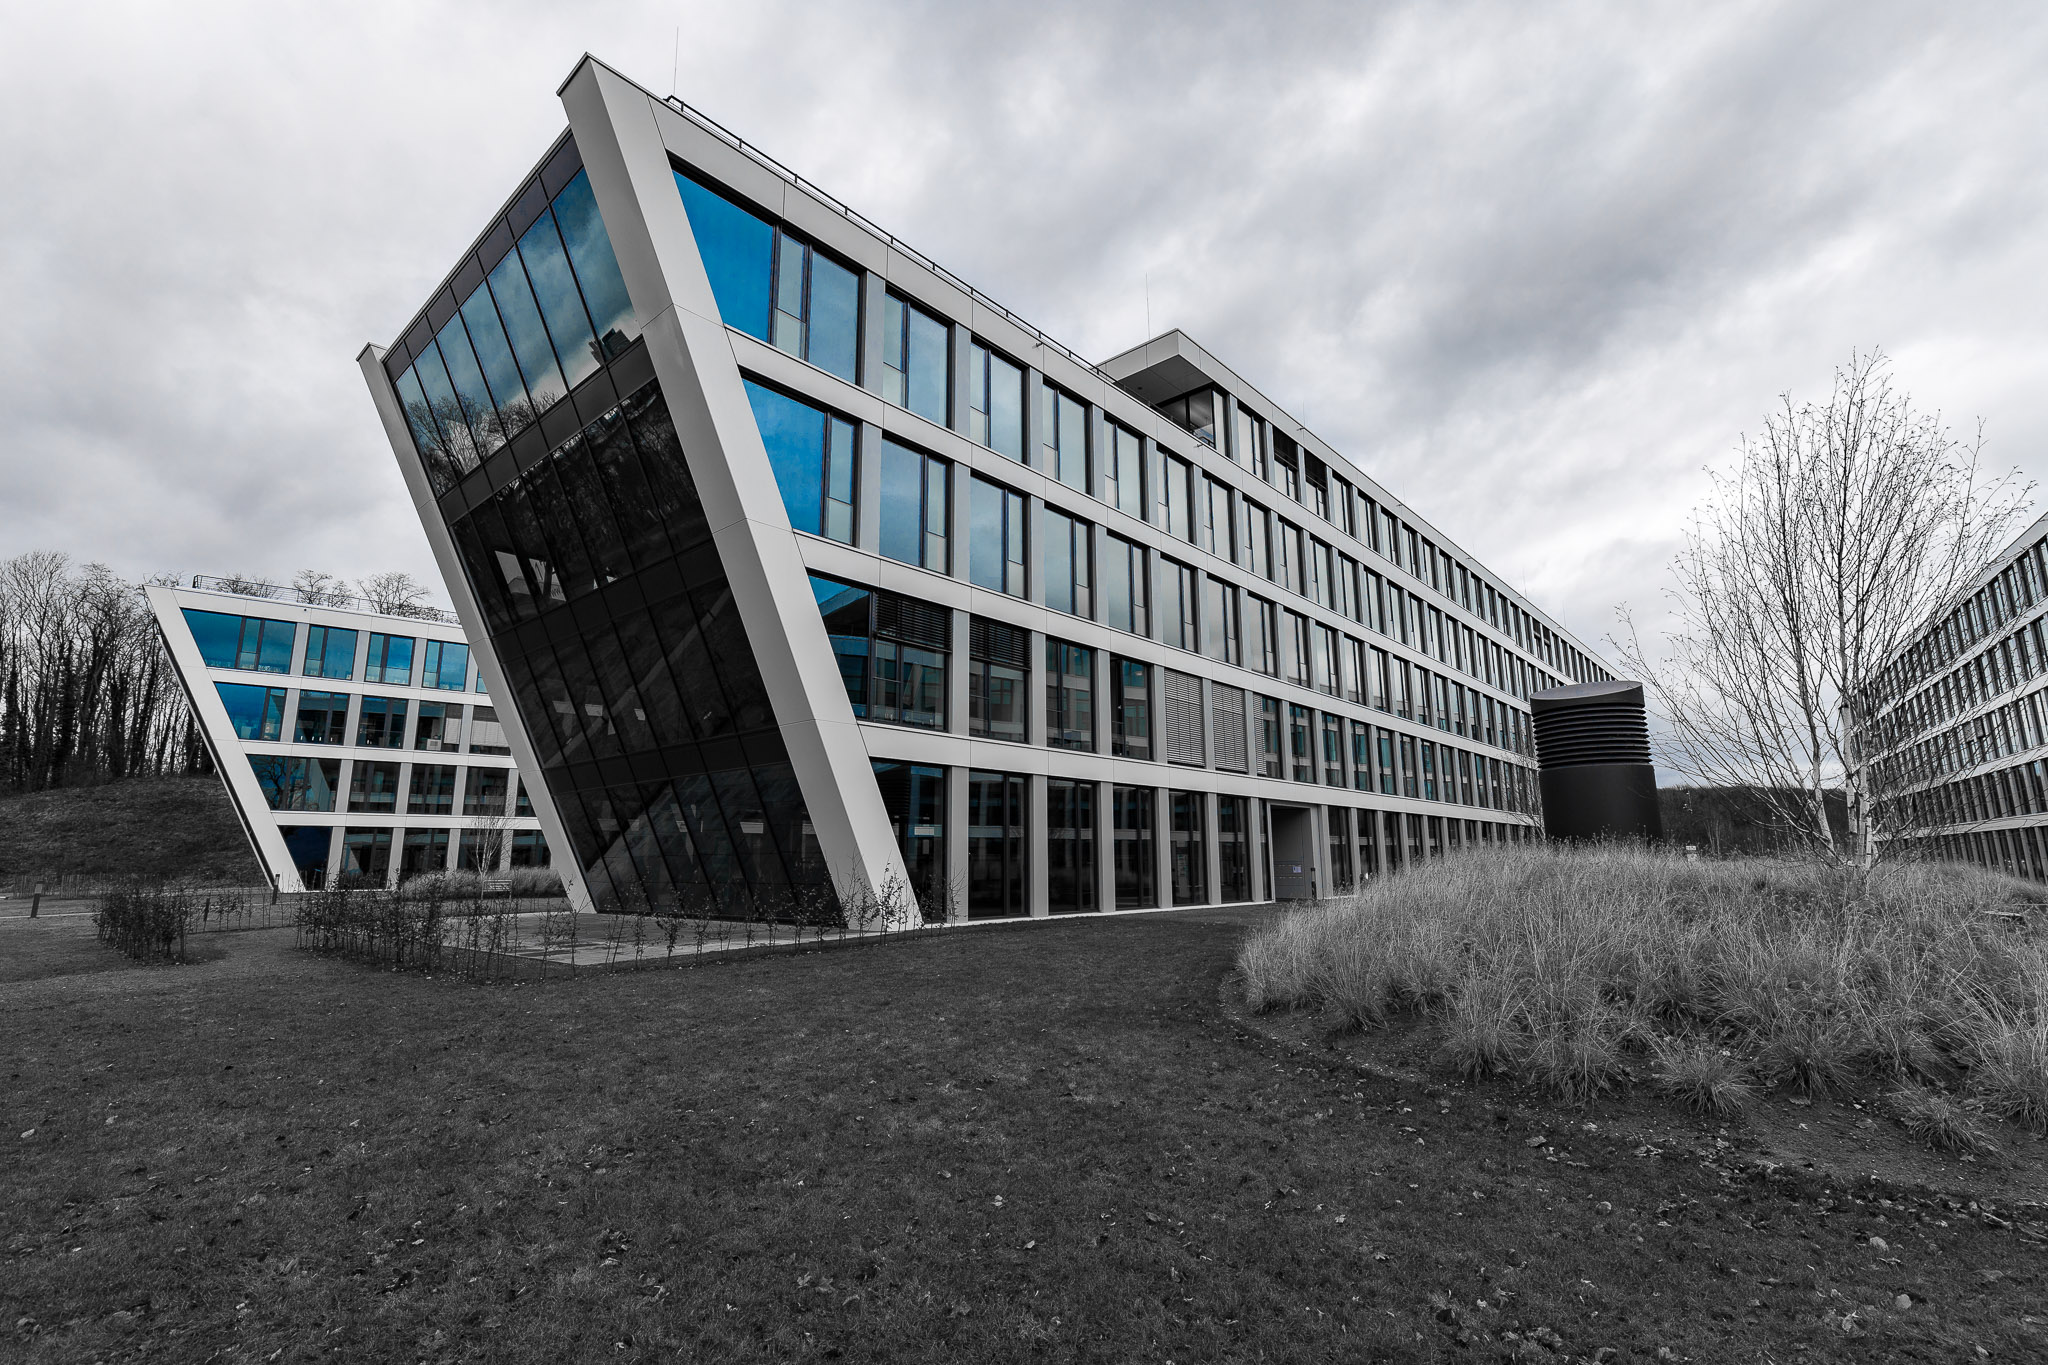 Architecture at Bonner Bogen, Germany